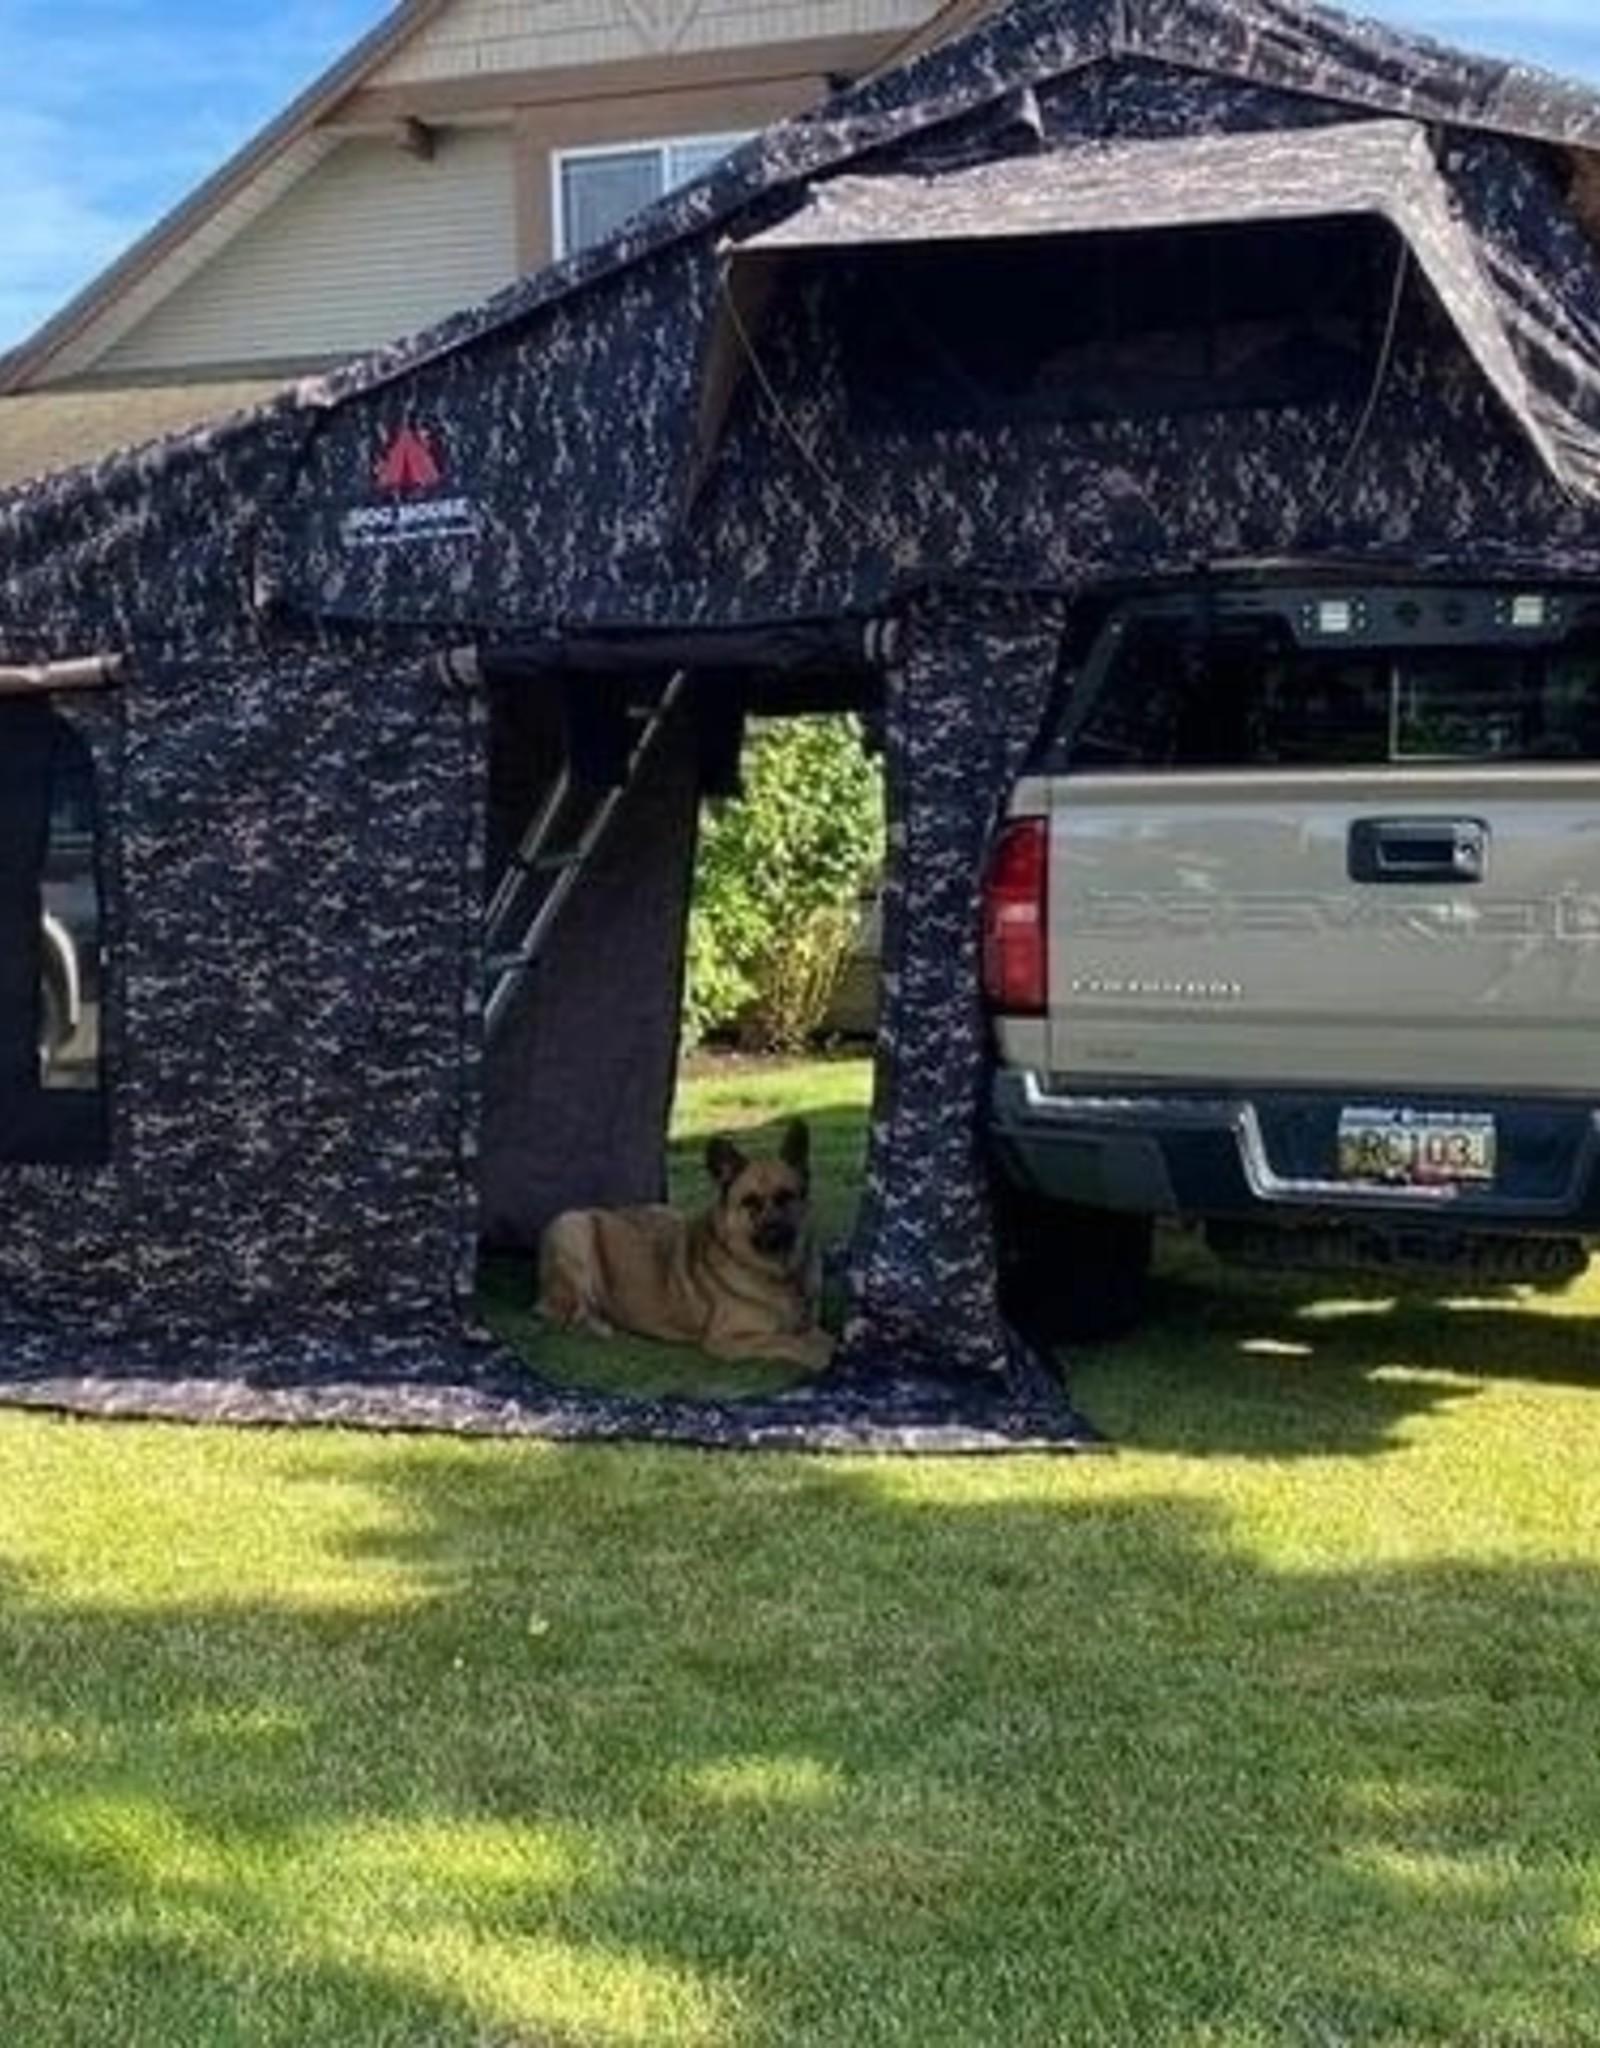 Dog House Mesa DBL Annex Tan/Orange